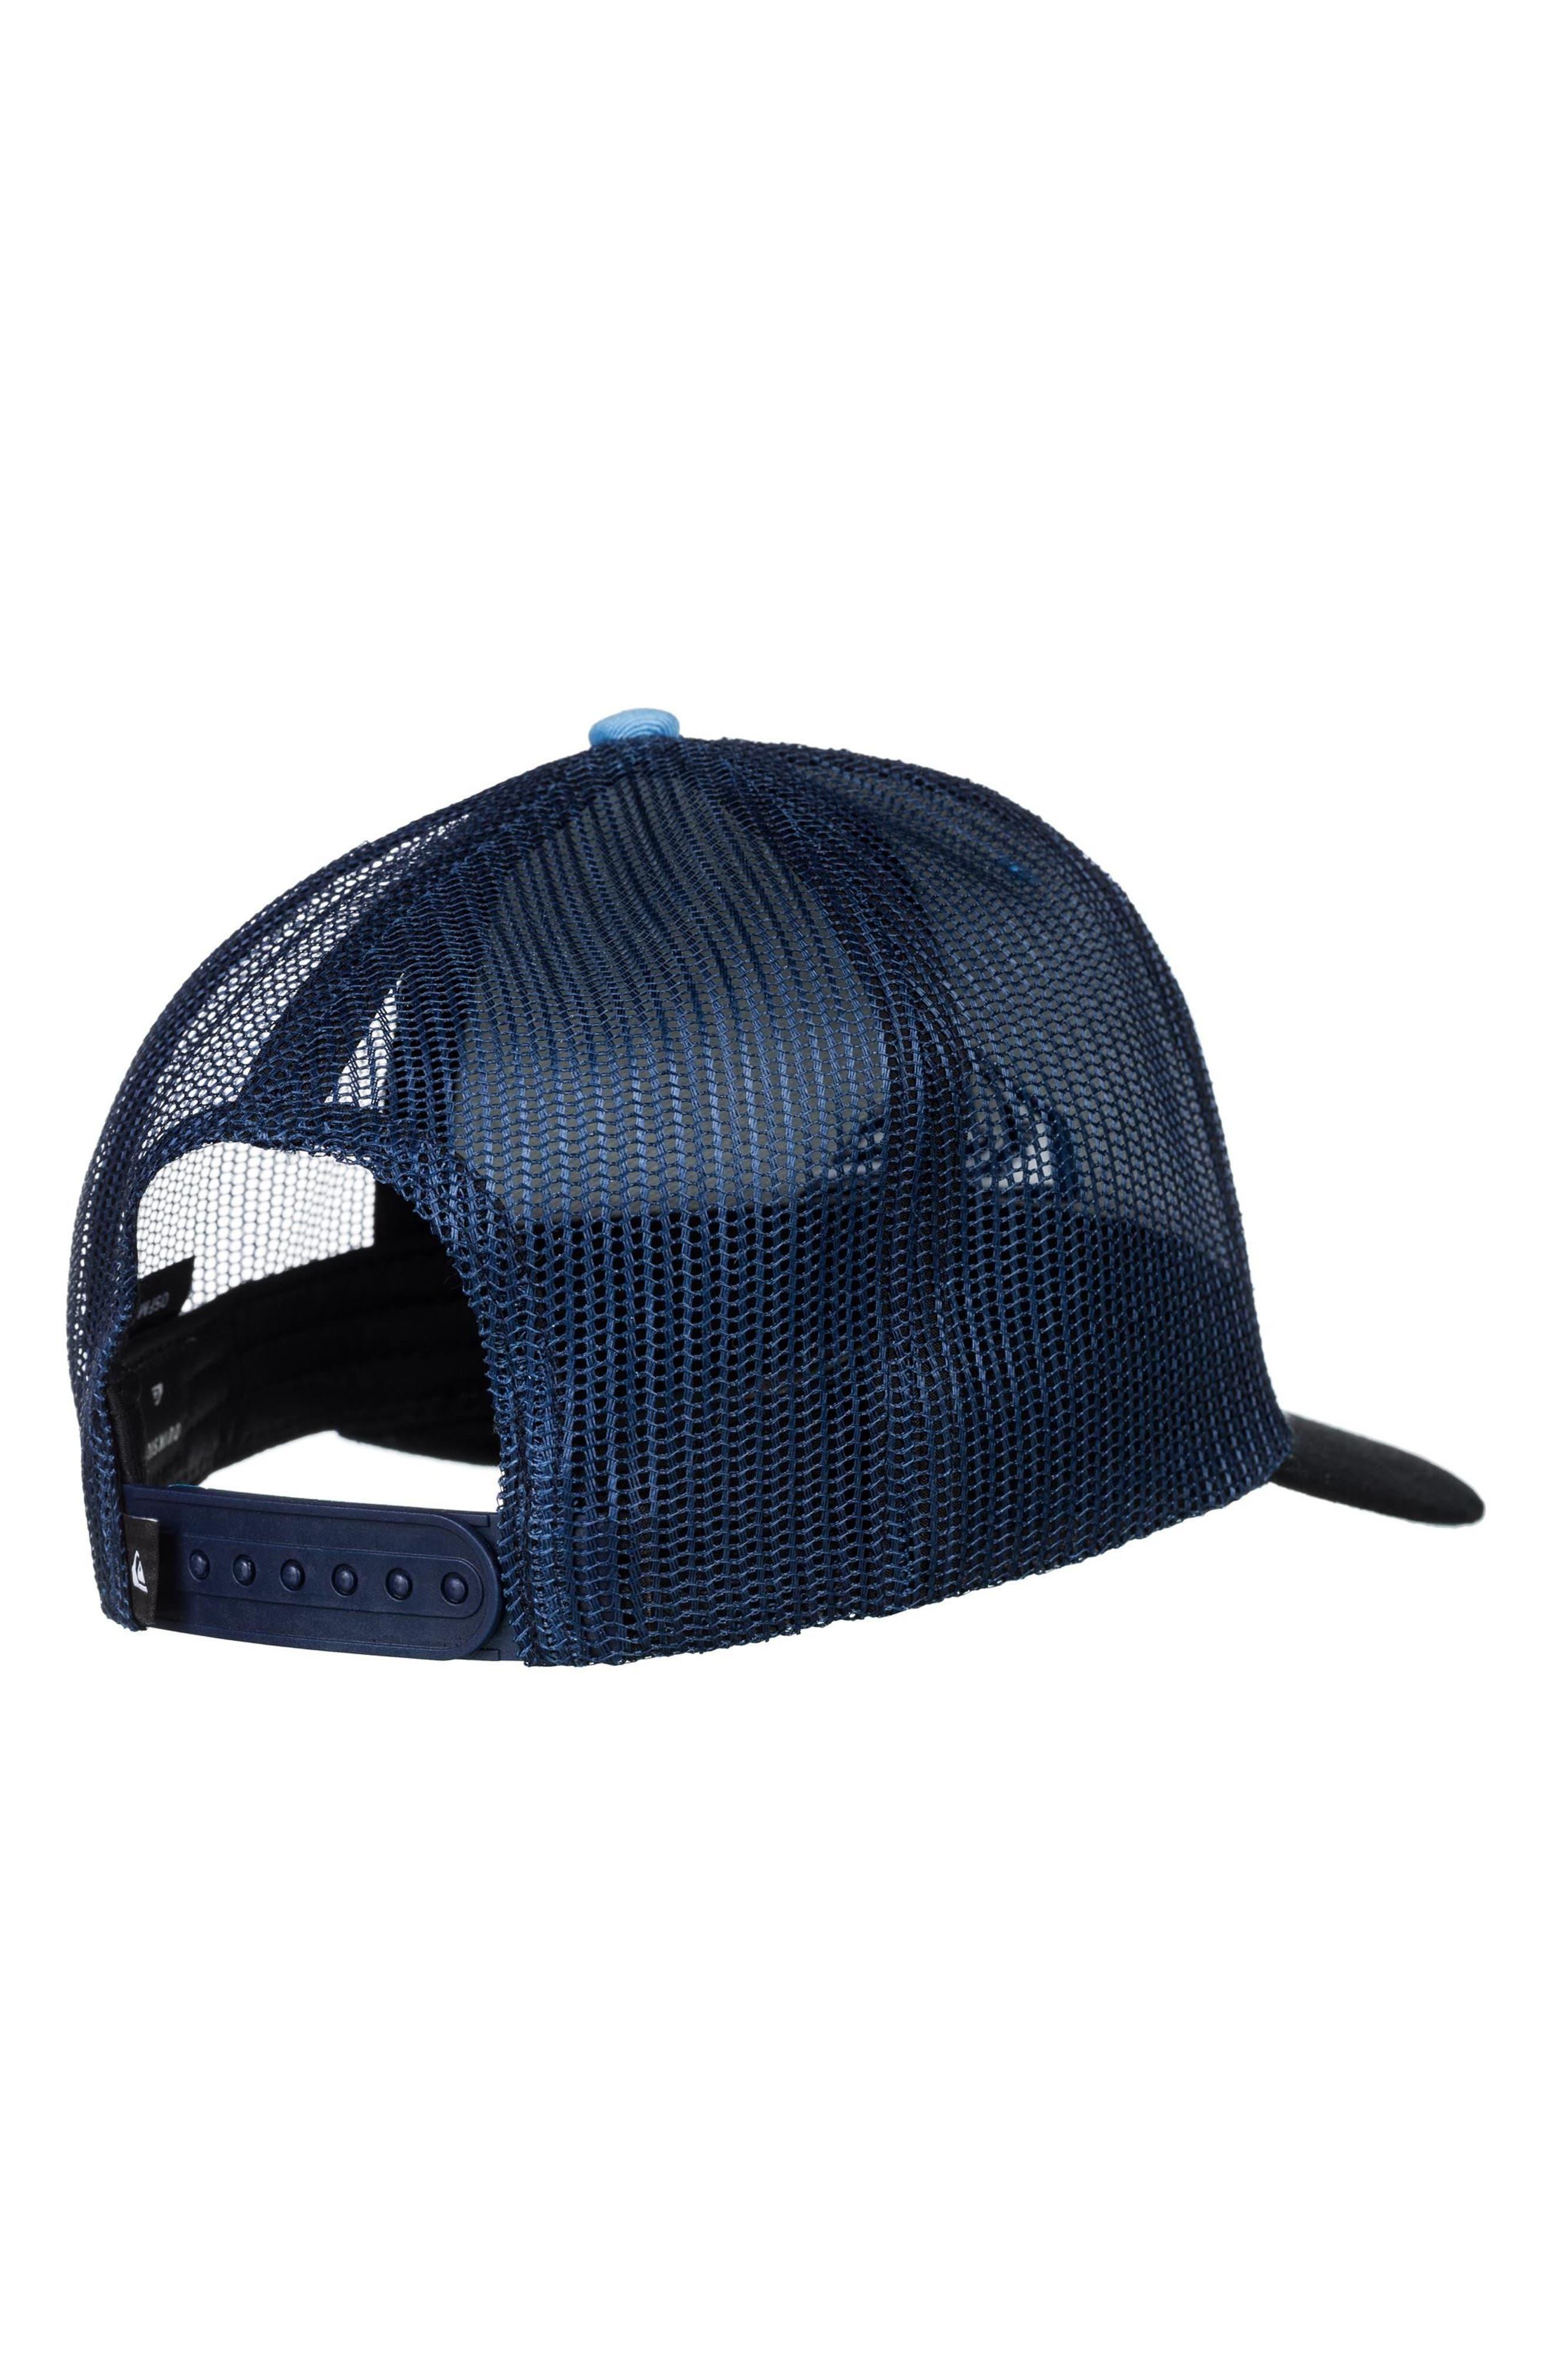 Grounder Trucker Hat,                             Alternate thumbnail 2, color,                             Dusk Blue